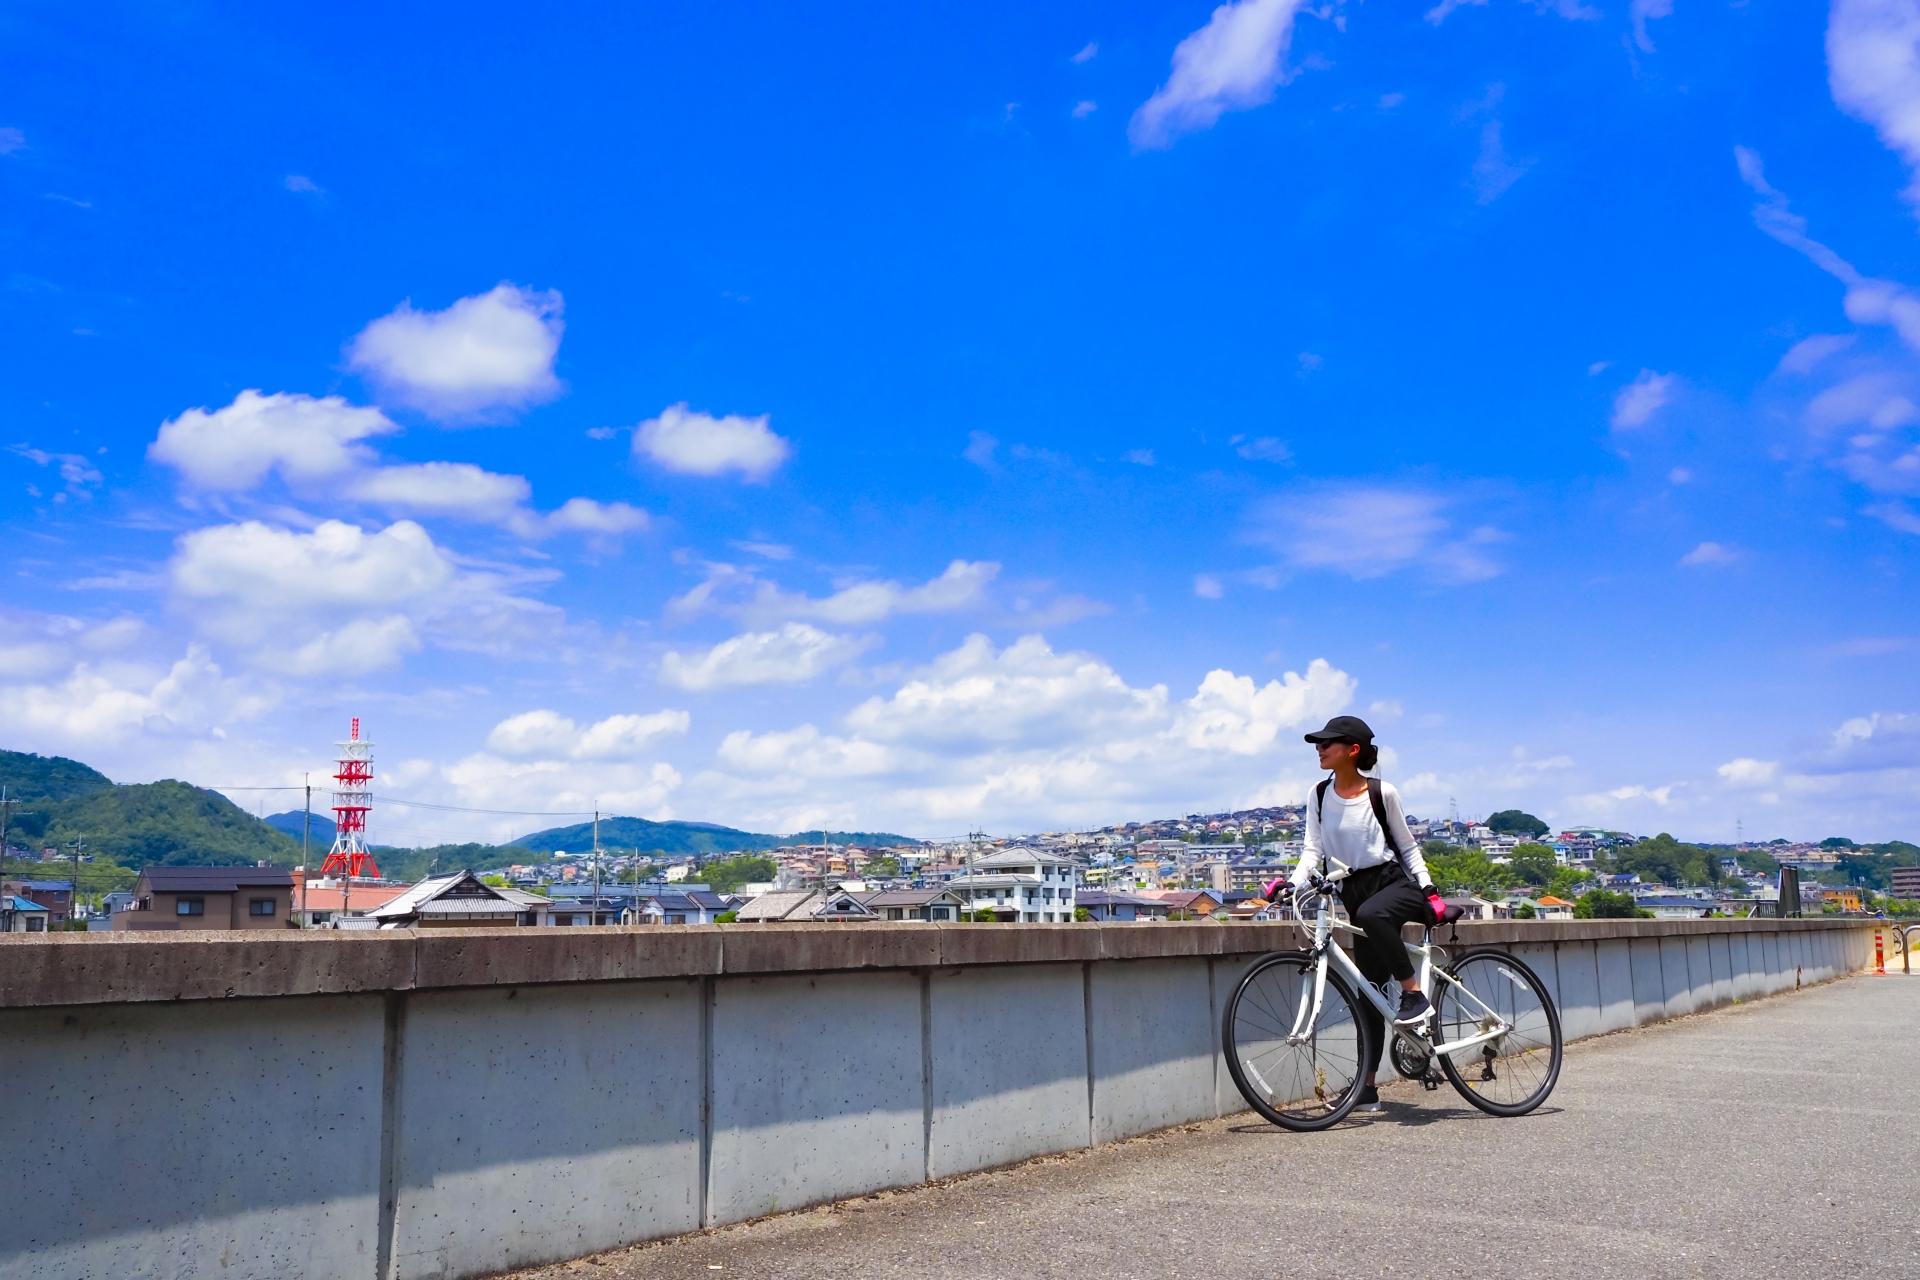 土浦市、テレワークとサイクリングによる移住体験ツアーを実施[ニュース]